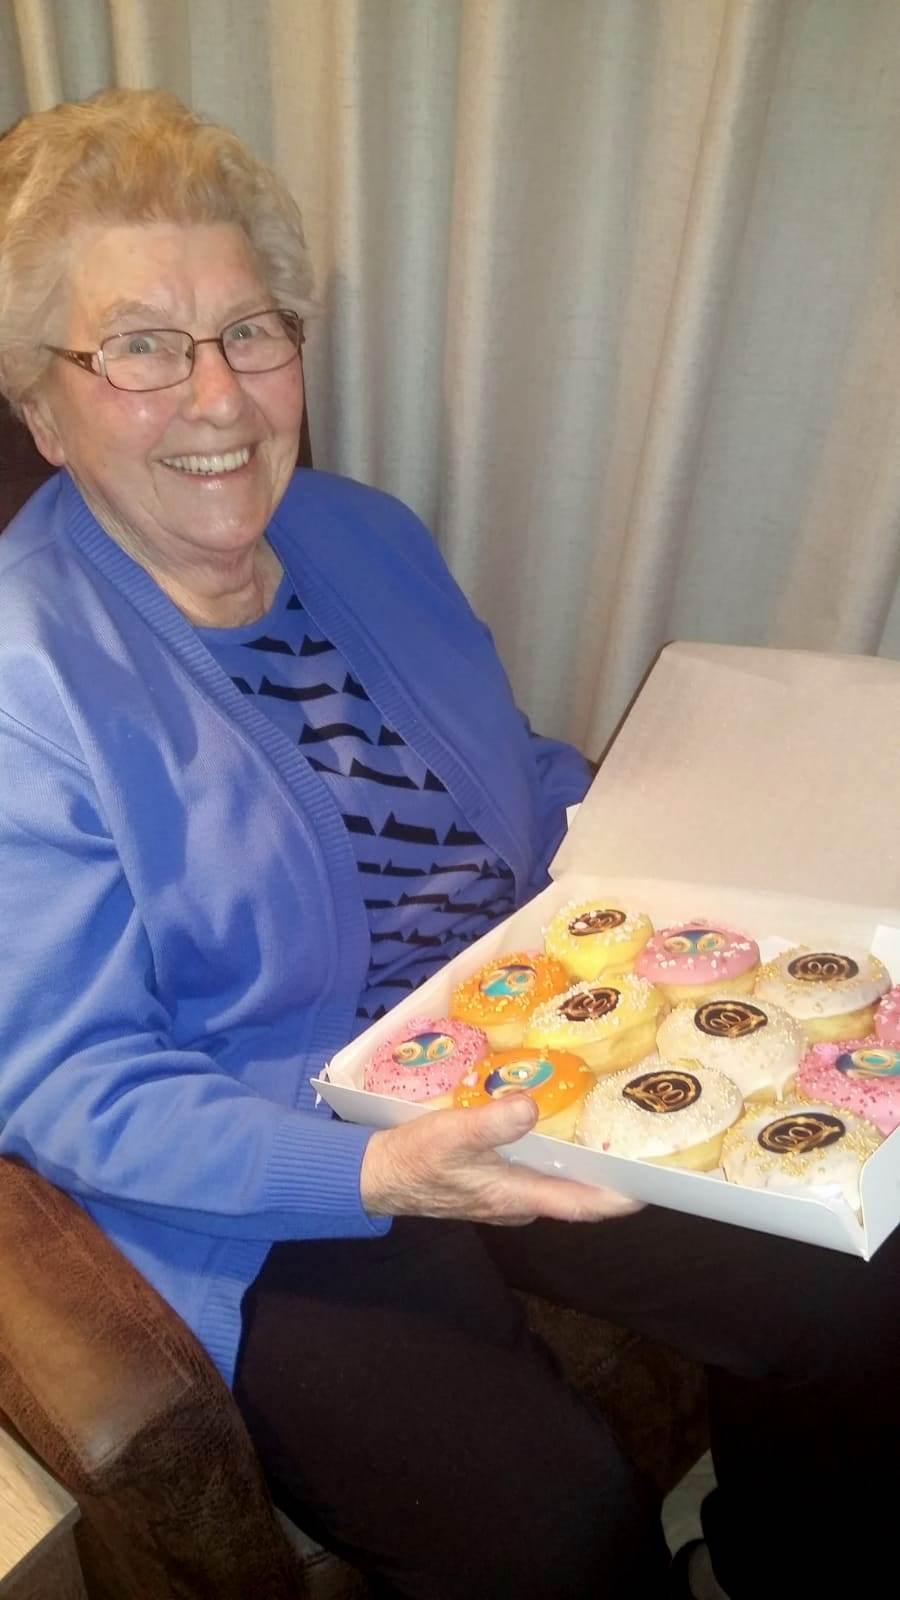 JJ Donuts - Oma viert haar 90ste verjaardag met donuts